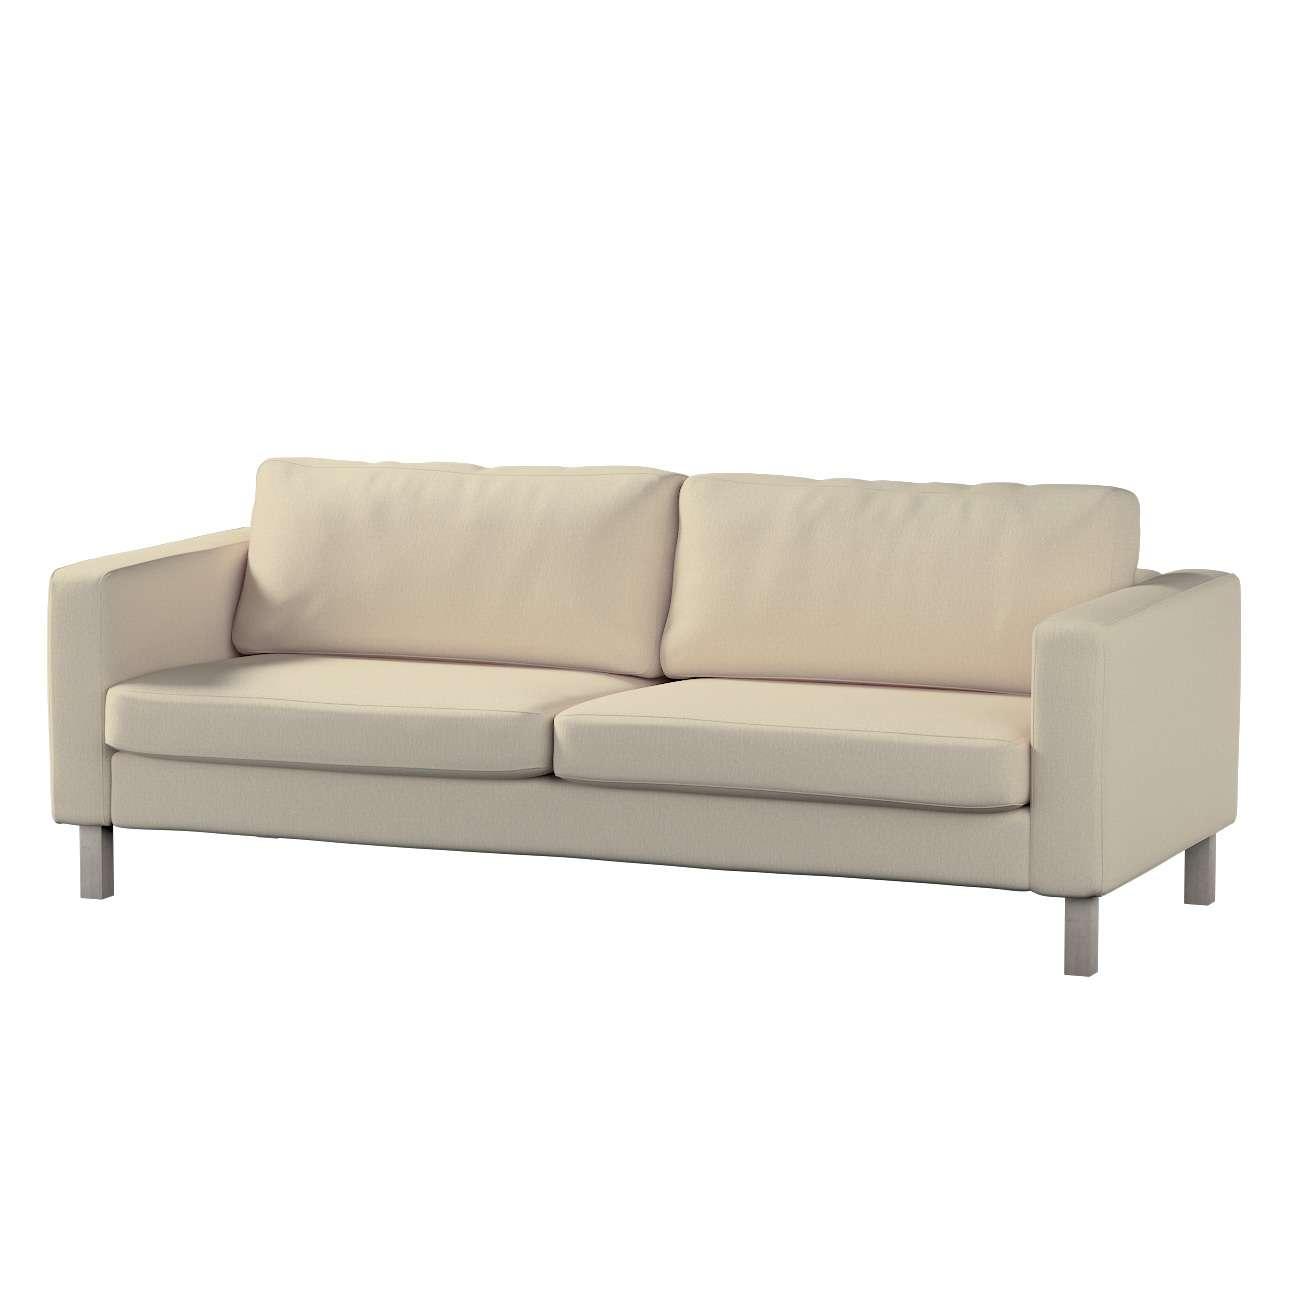 Karlstad sofos-lovos užvalkalas Karlstad trivietės sofos-lovos užvalkalas (išlankstomai sofai) kolekcijoje Chenille, audinys: 702-22